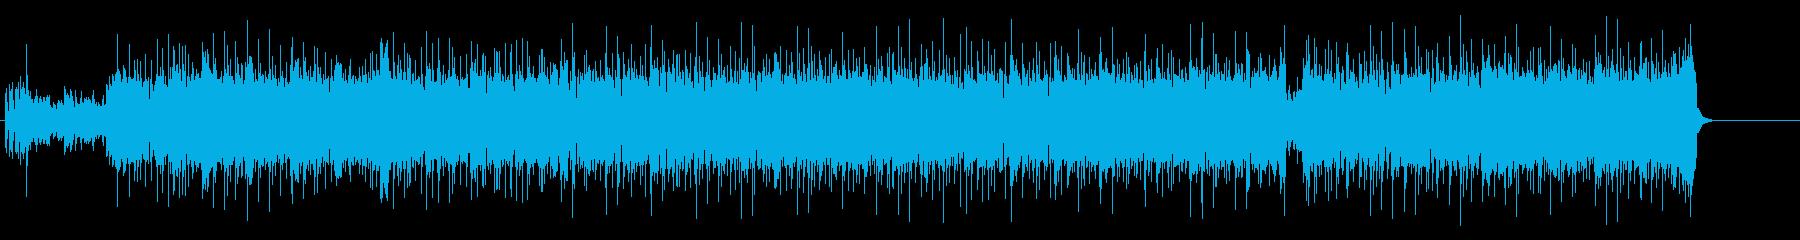 エレクトリック・ポップスの再生済みの波形